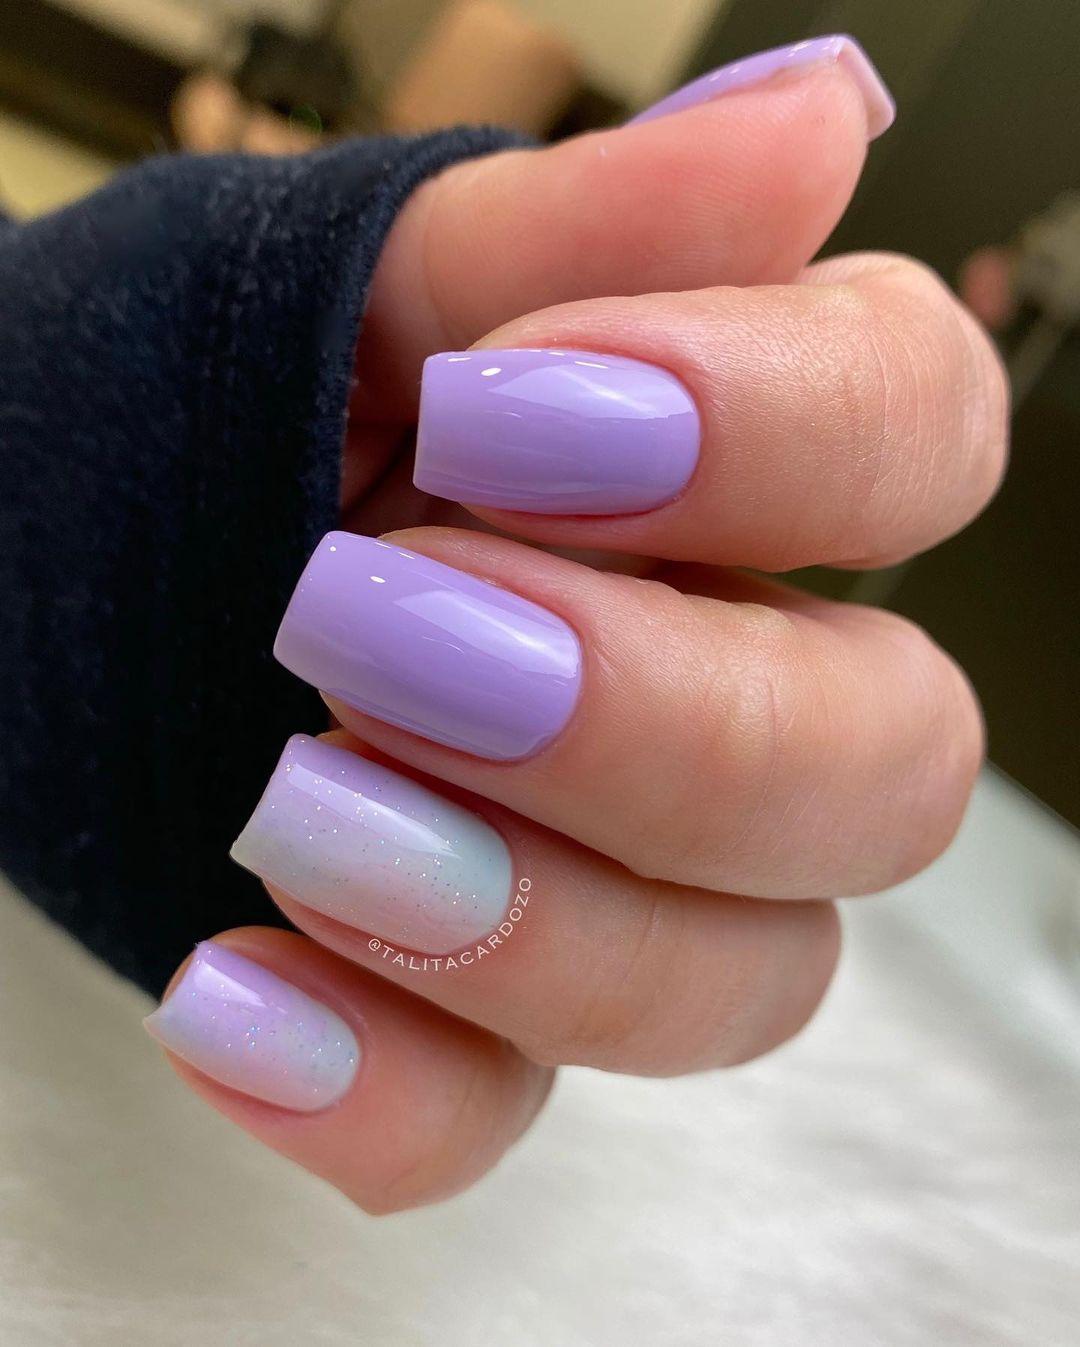 1612737285 896 30 fotos de unas en colores pastel y consejos de - 30 fotos de uñas en colores pastel y consejos de esmalte de uñas para ti